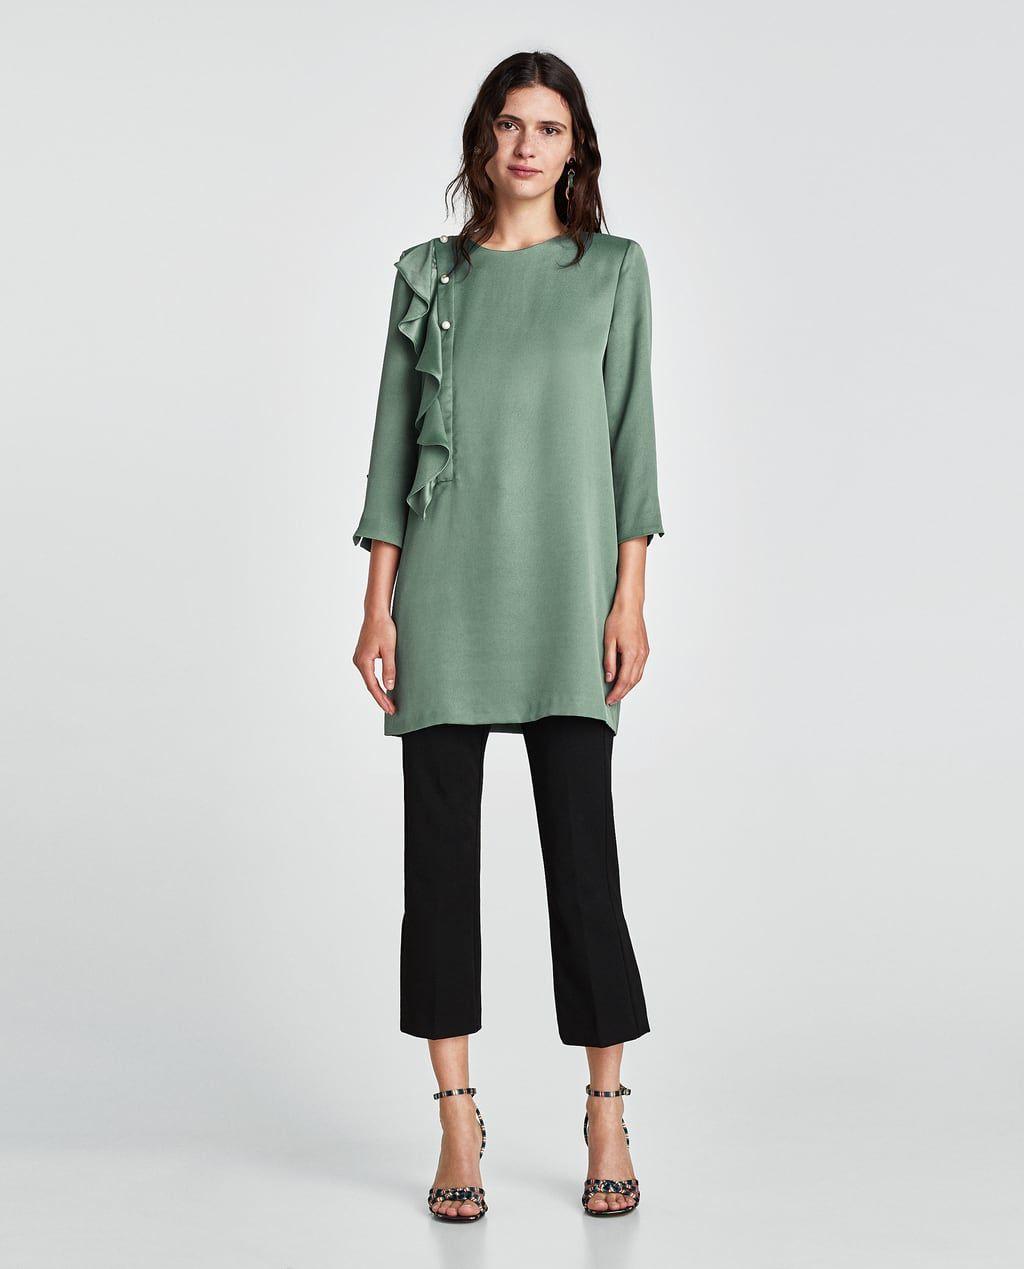 Zara Tunisie Collection printemps-été 2018 - modele (13)